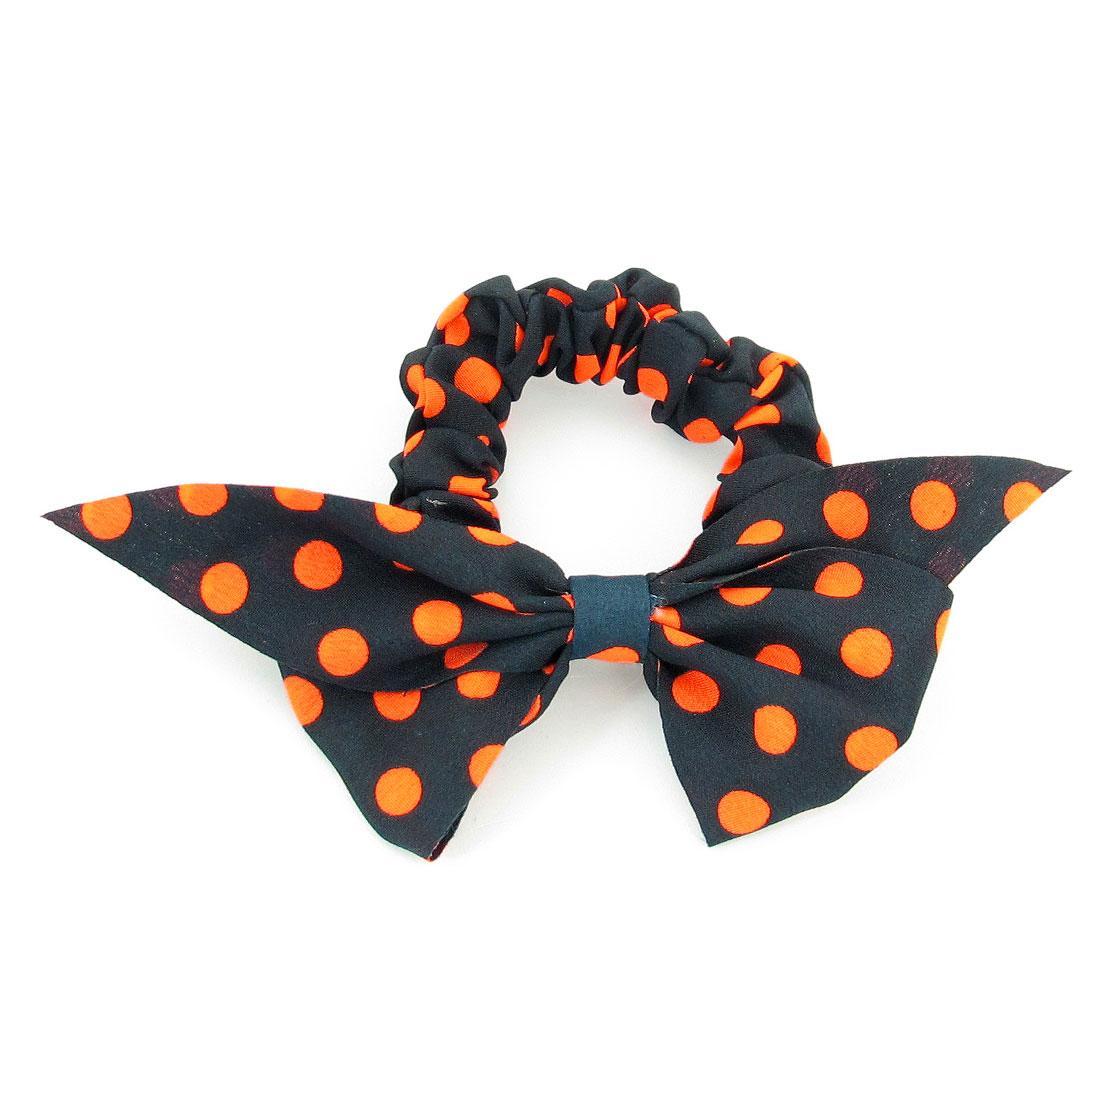 Black Bowknot Shape Design Orange Dot Print Elastic Hair Tie for Girls